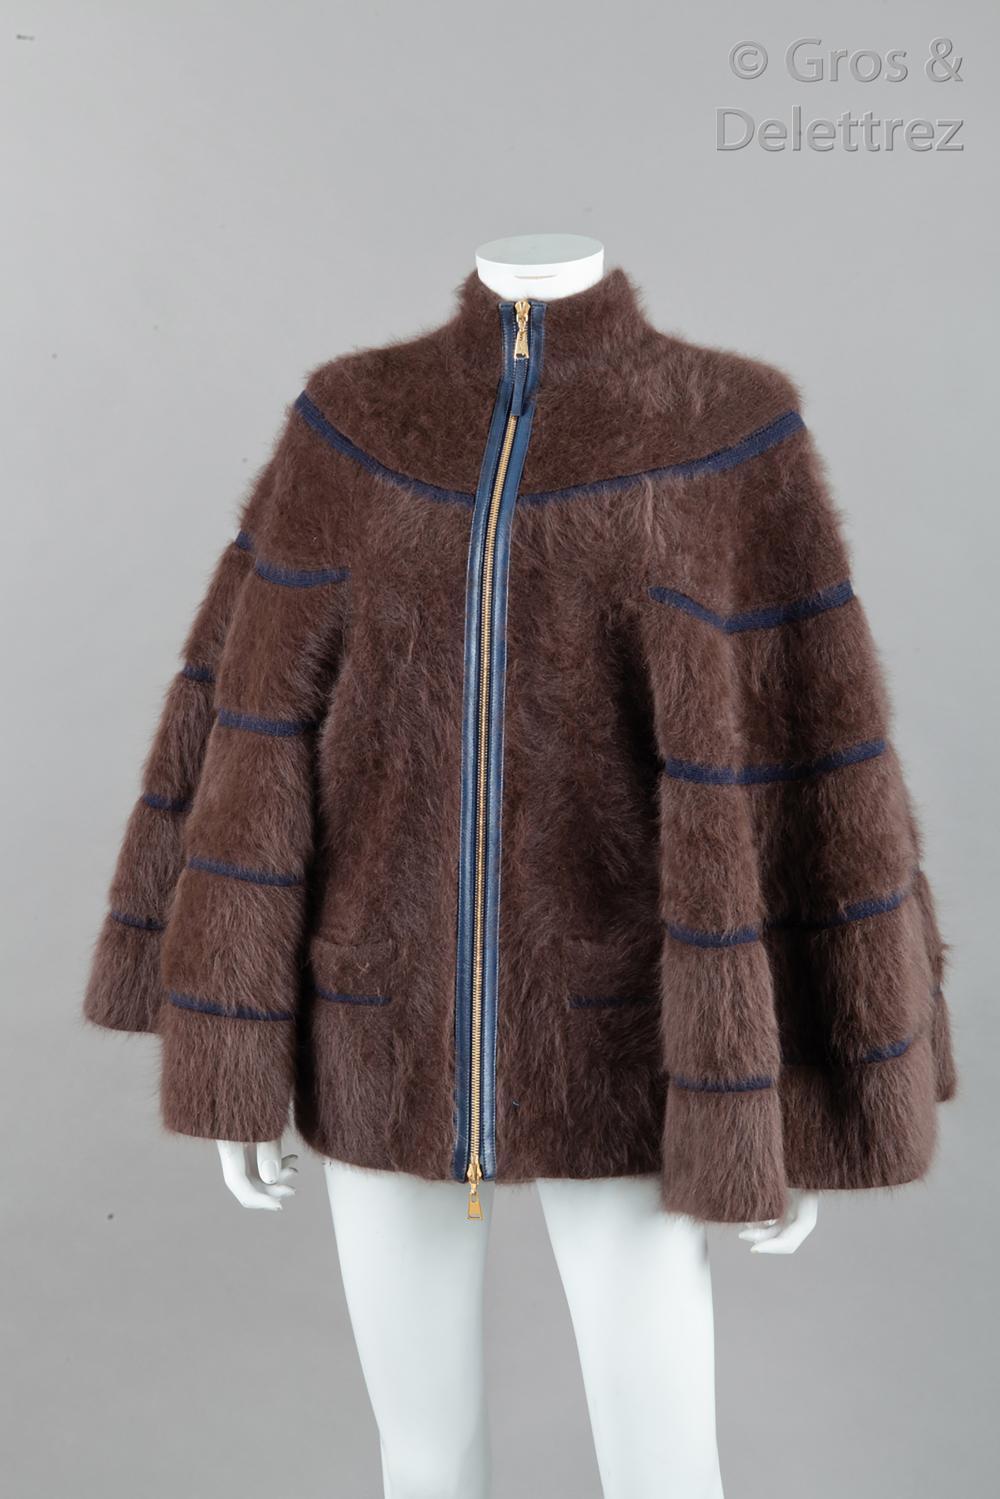 Louis VUITTON par Marc Jacobs X Julie de Libran - Collection Pre-fall 2011 - Look n°5